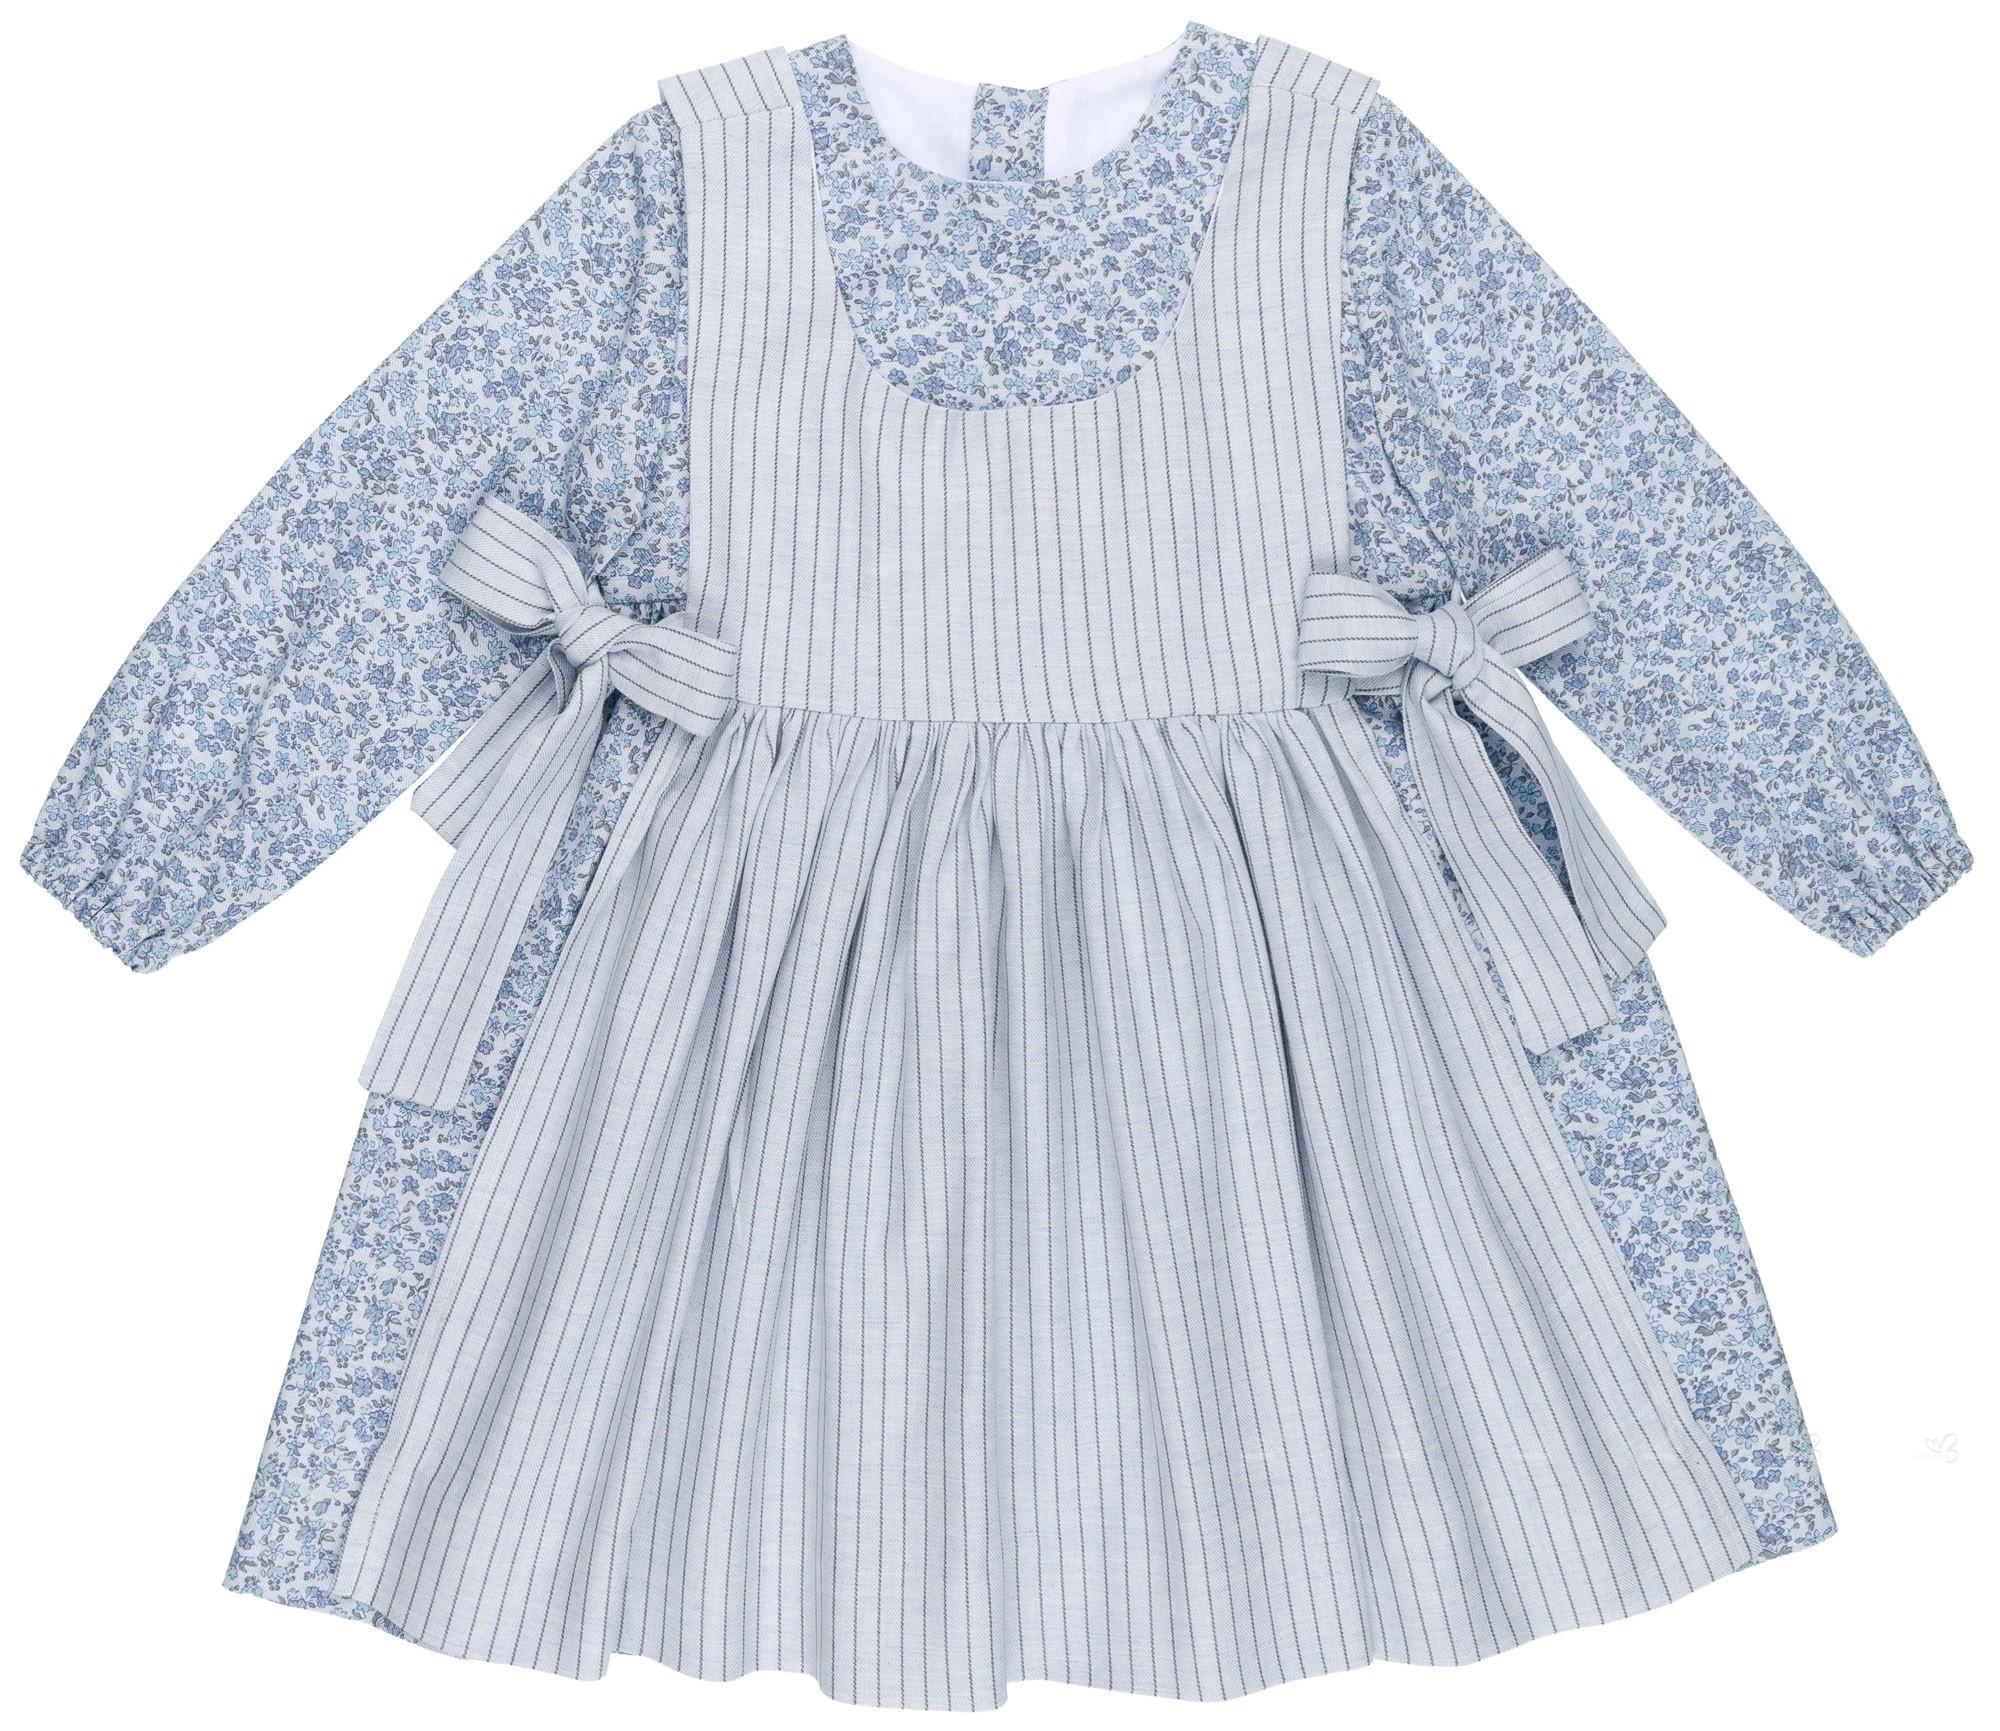 Liberty Mandil Niña Vestido Azulamp; Cuadros MSUzVp